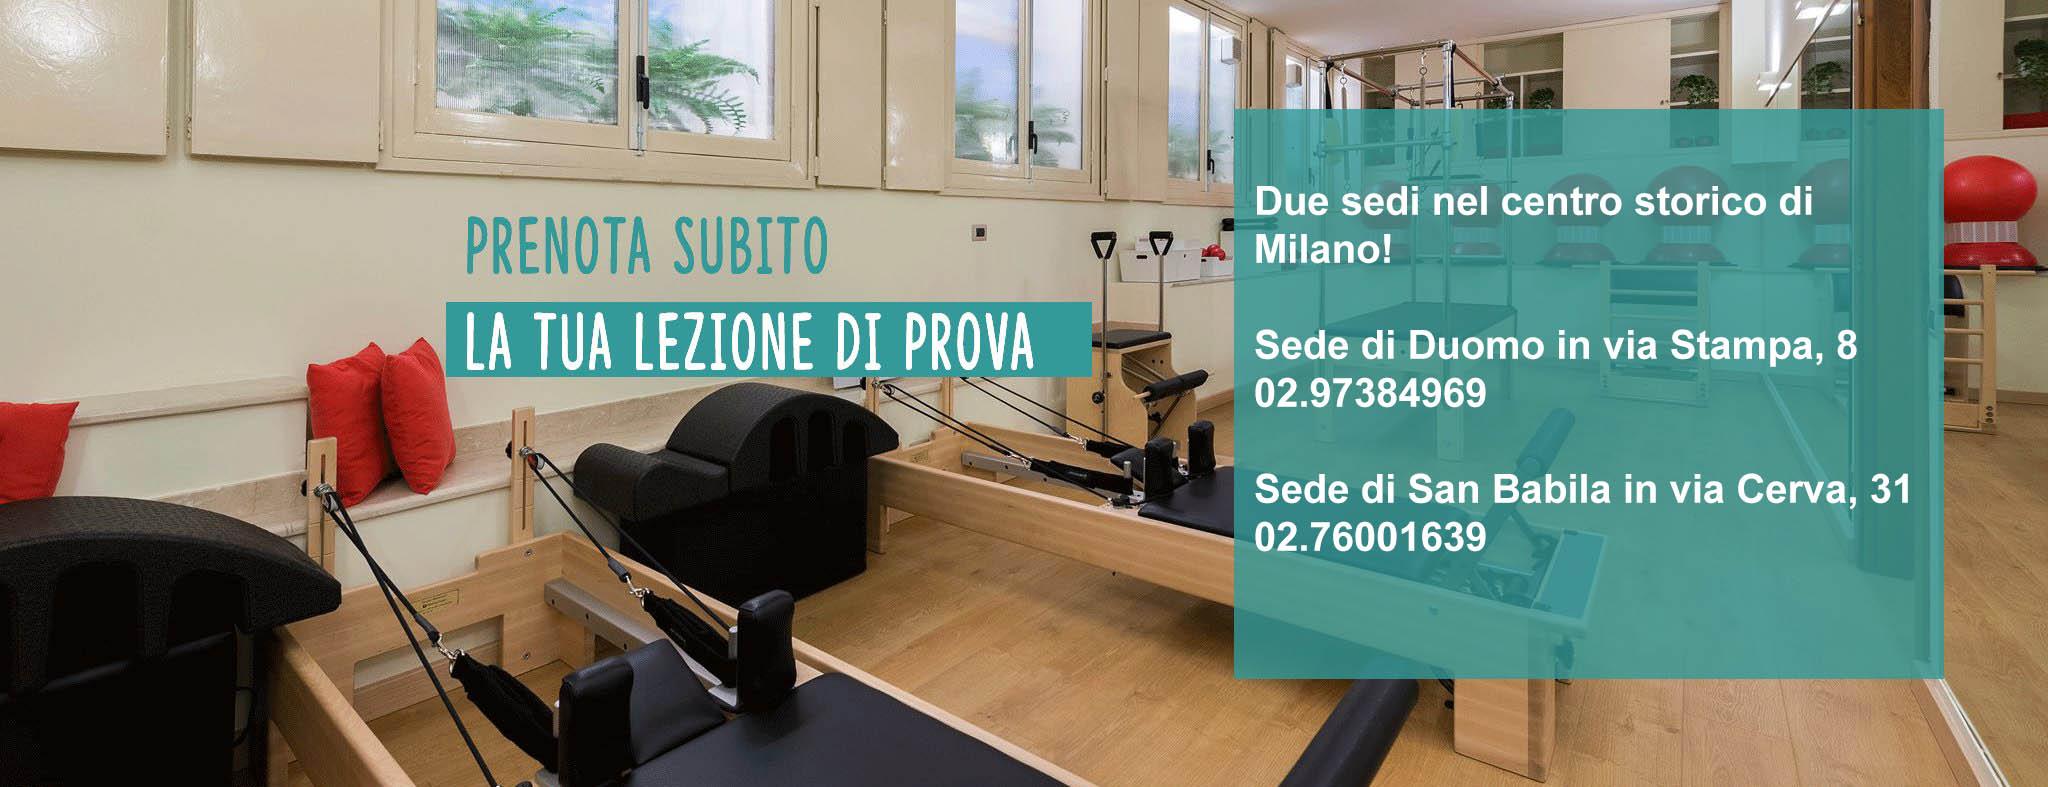 Pilates Post Parto Fulvio Testi Milano - Prenota subito la tua lezione di prova